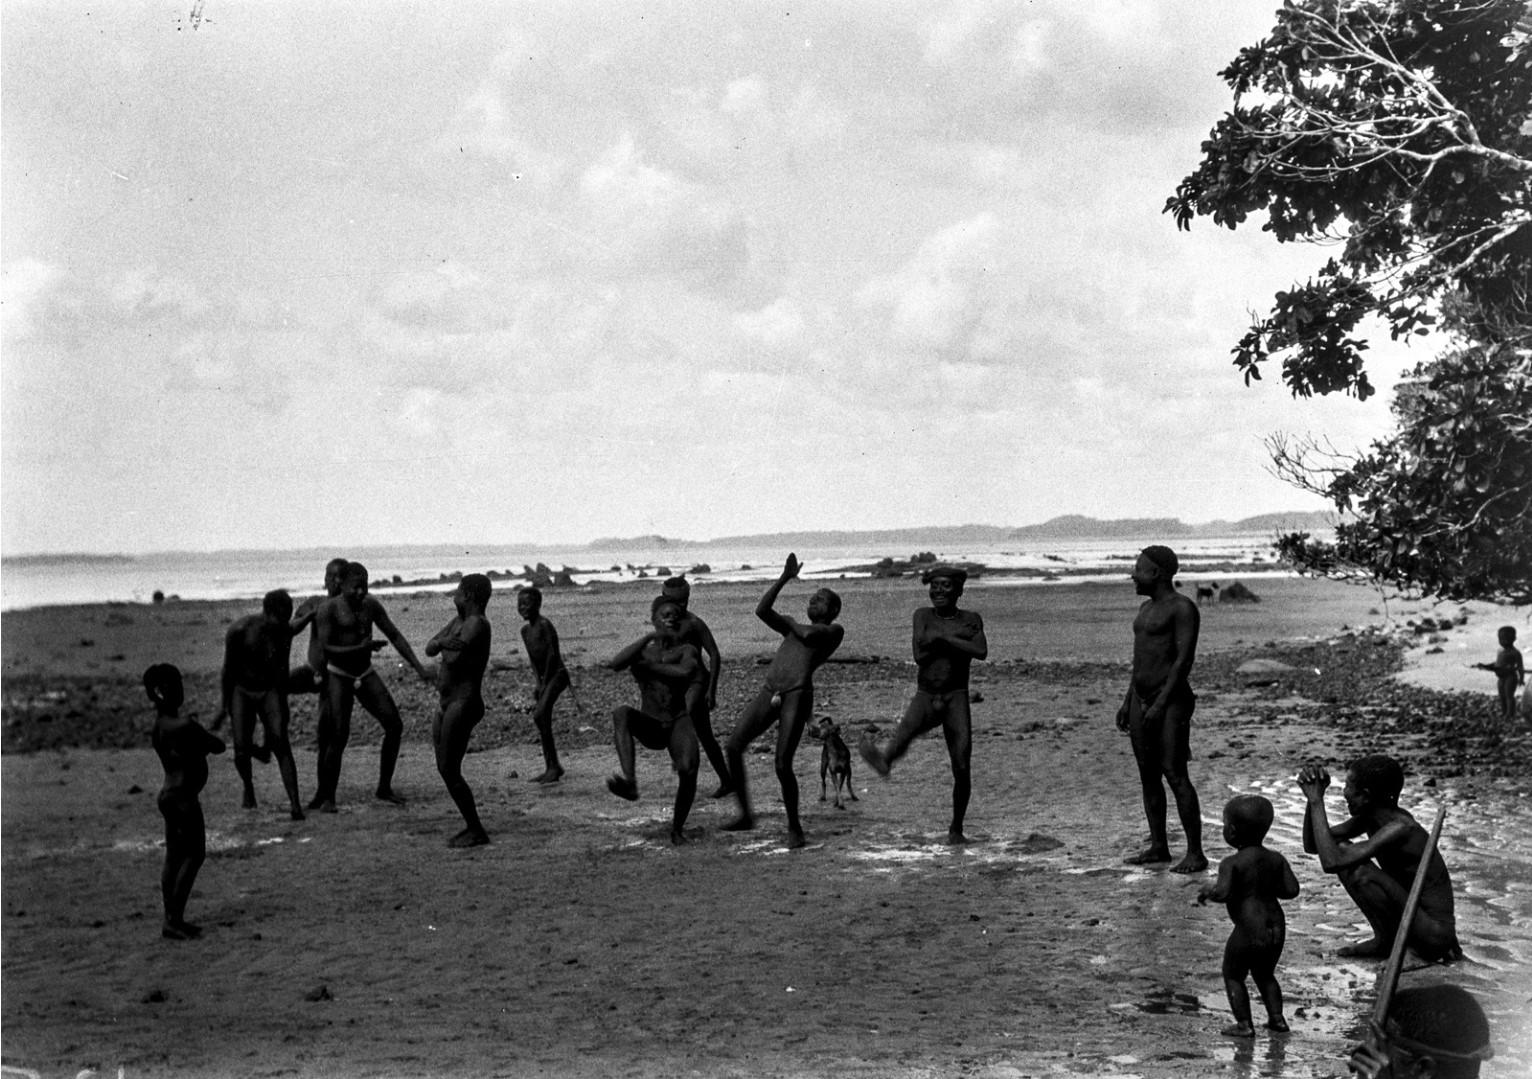 1197. Народность онге. Группа мужчин танцует на берегу